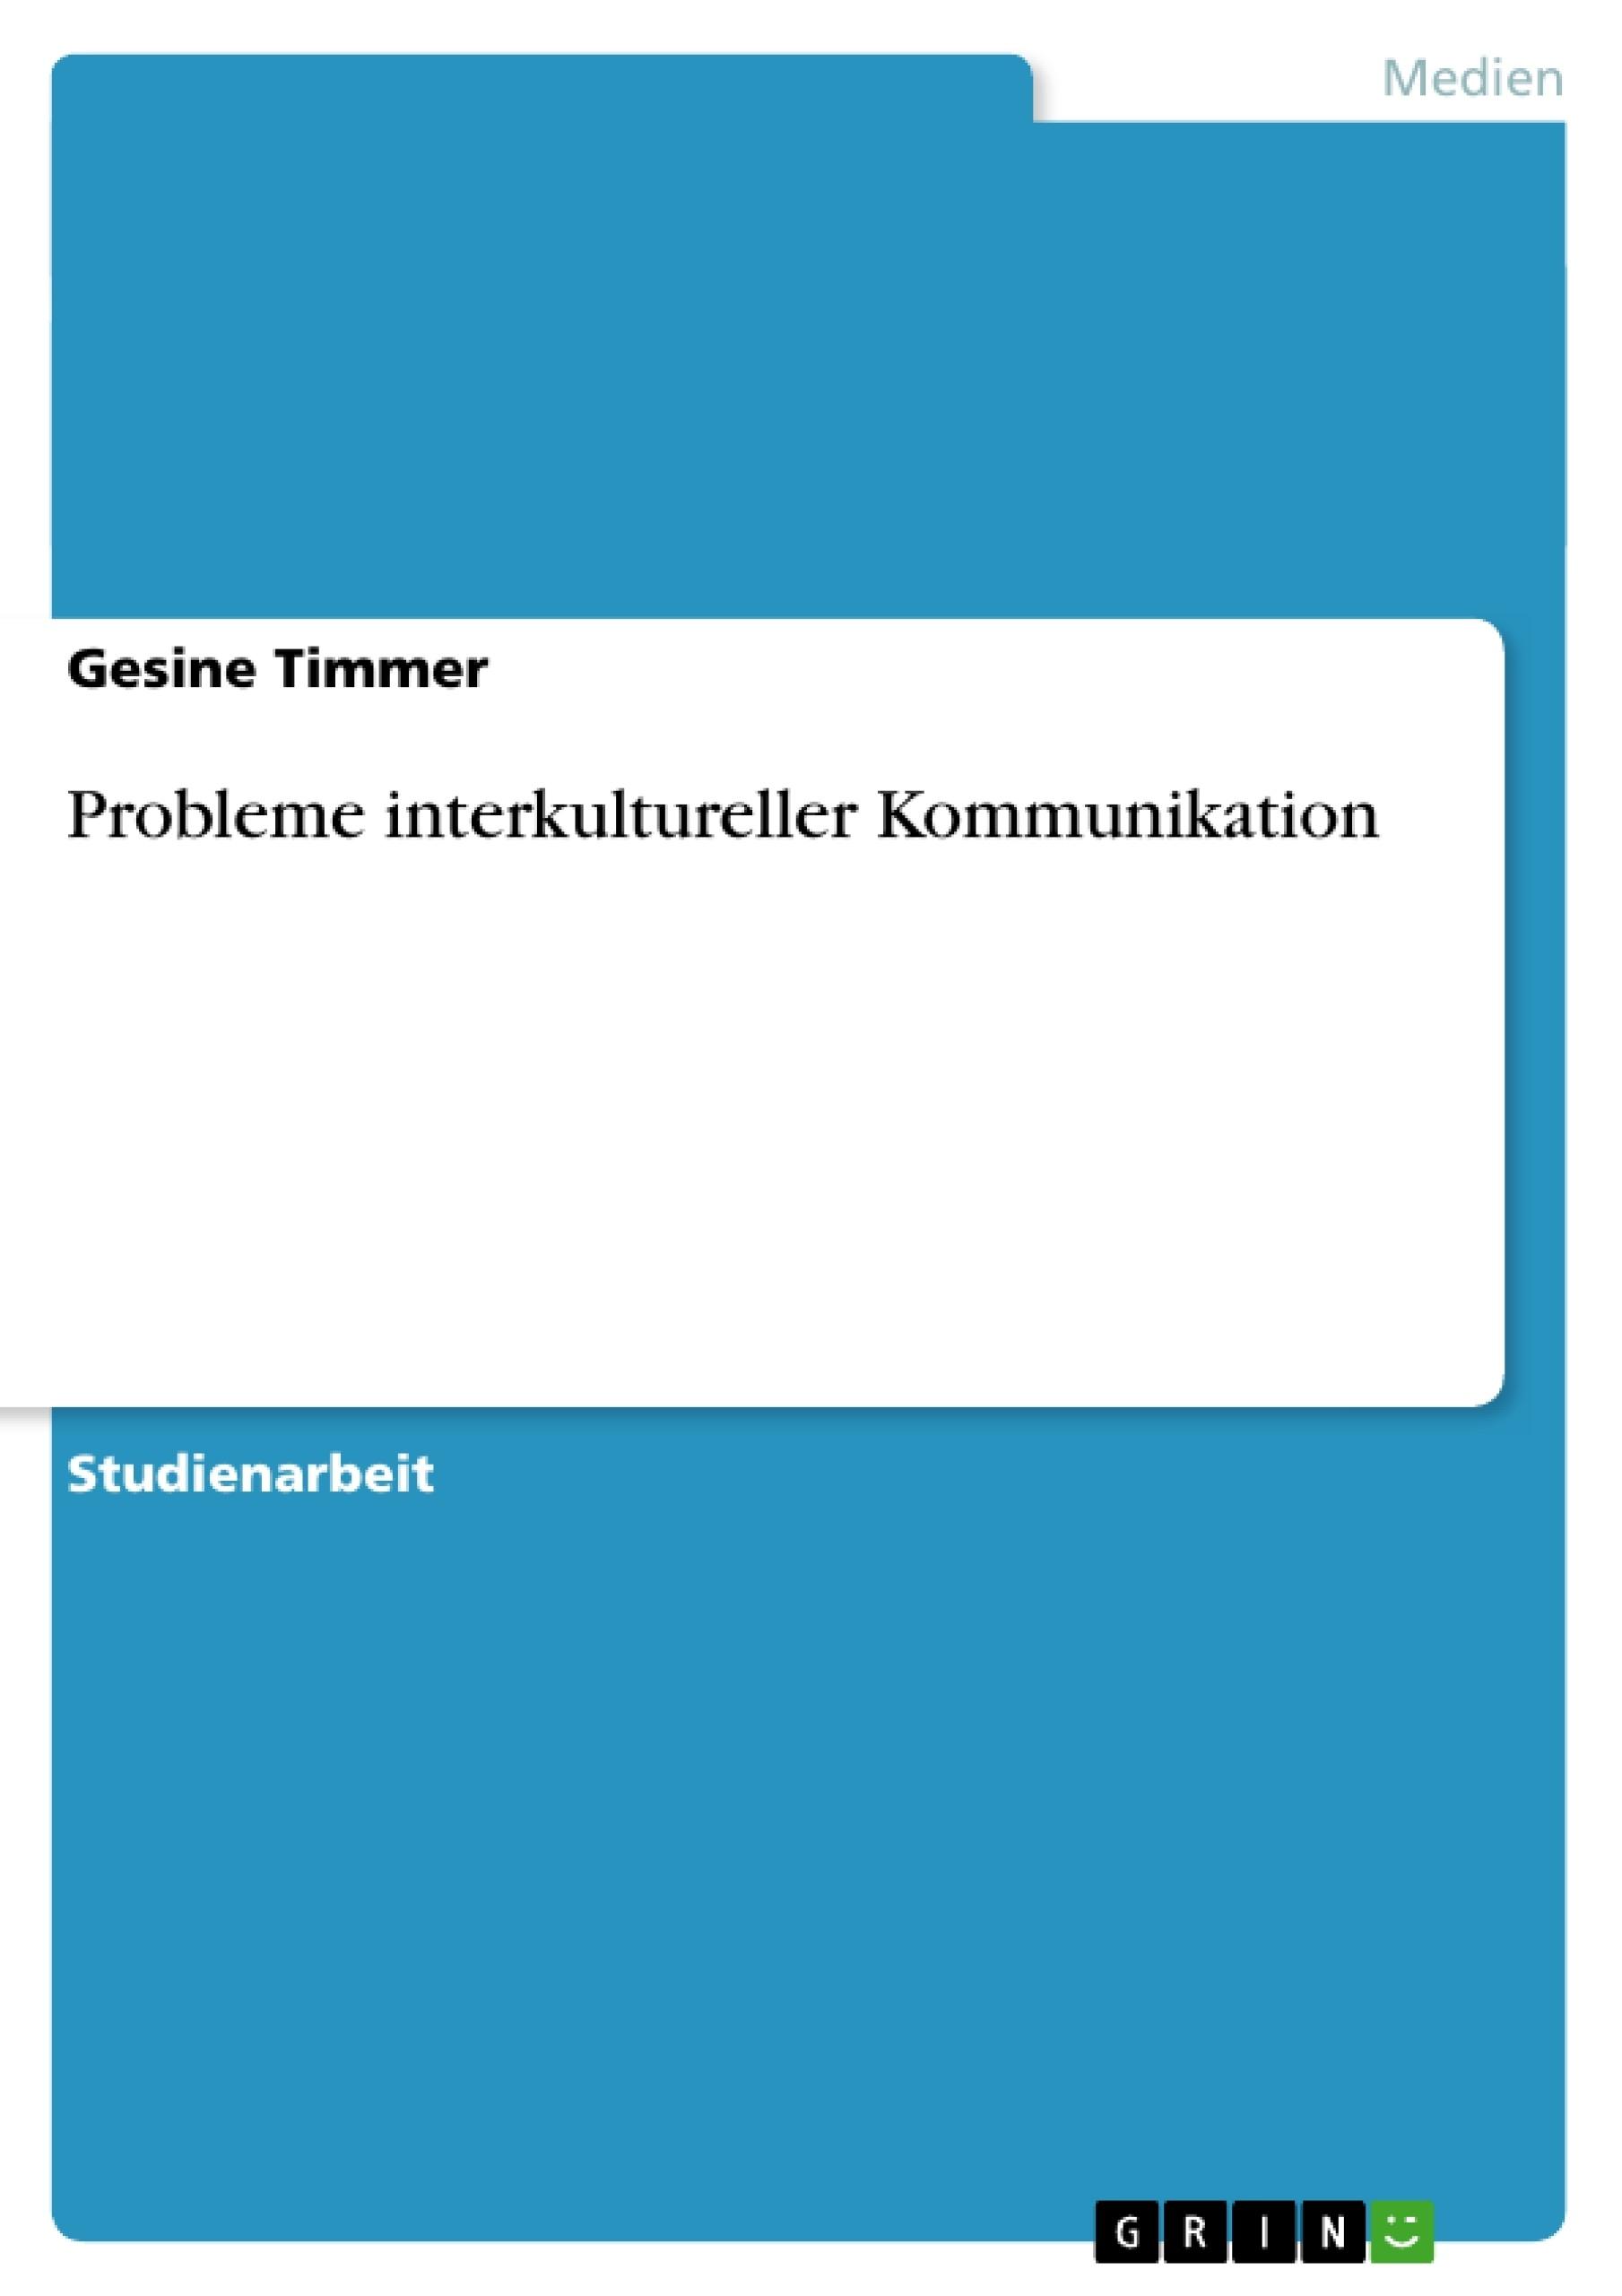 Titel: Probleme interkultureller Kommunikation